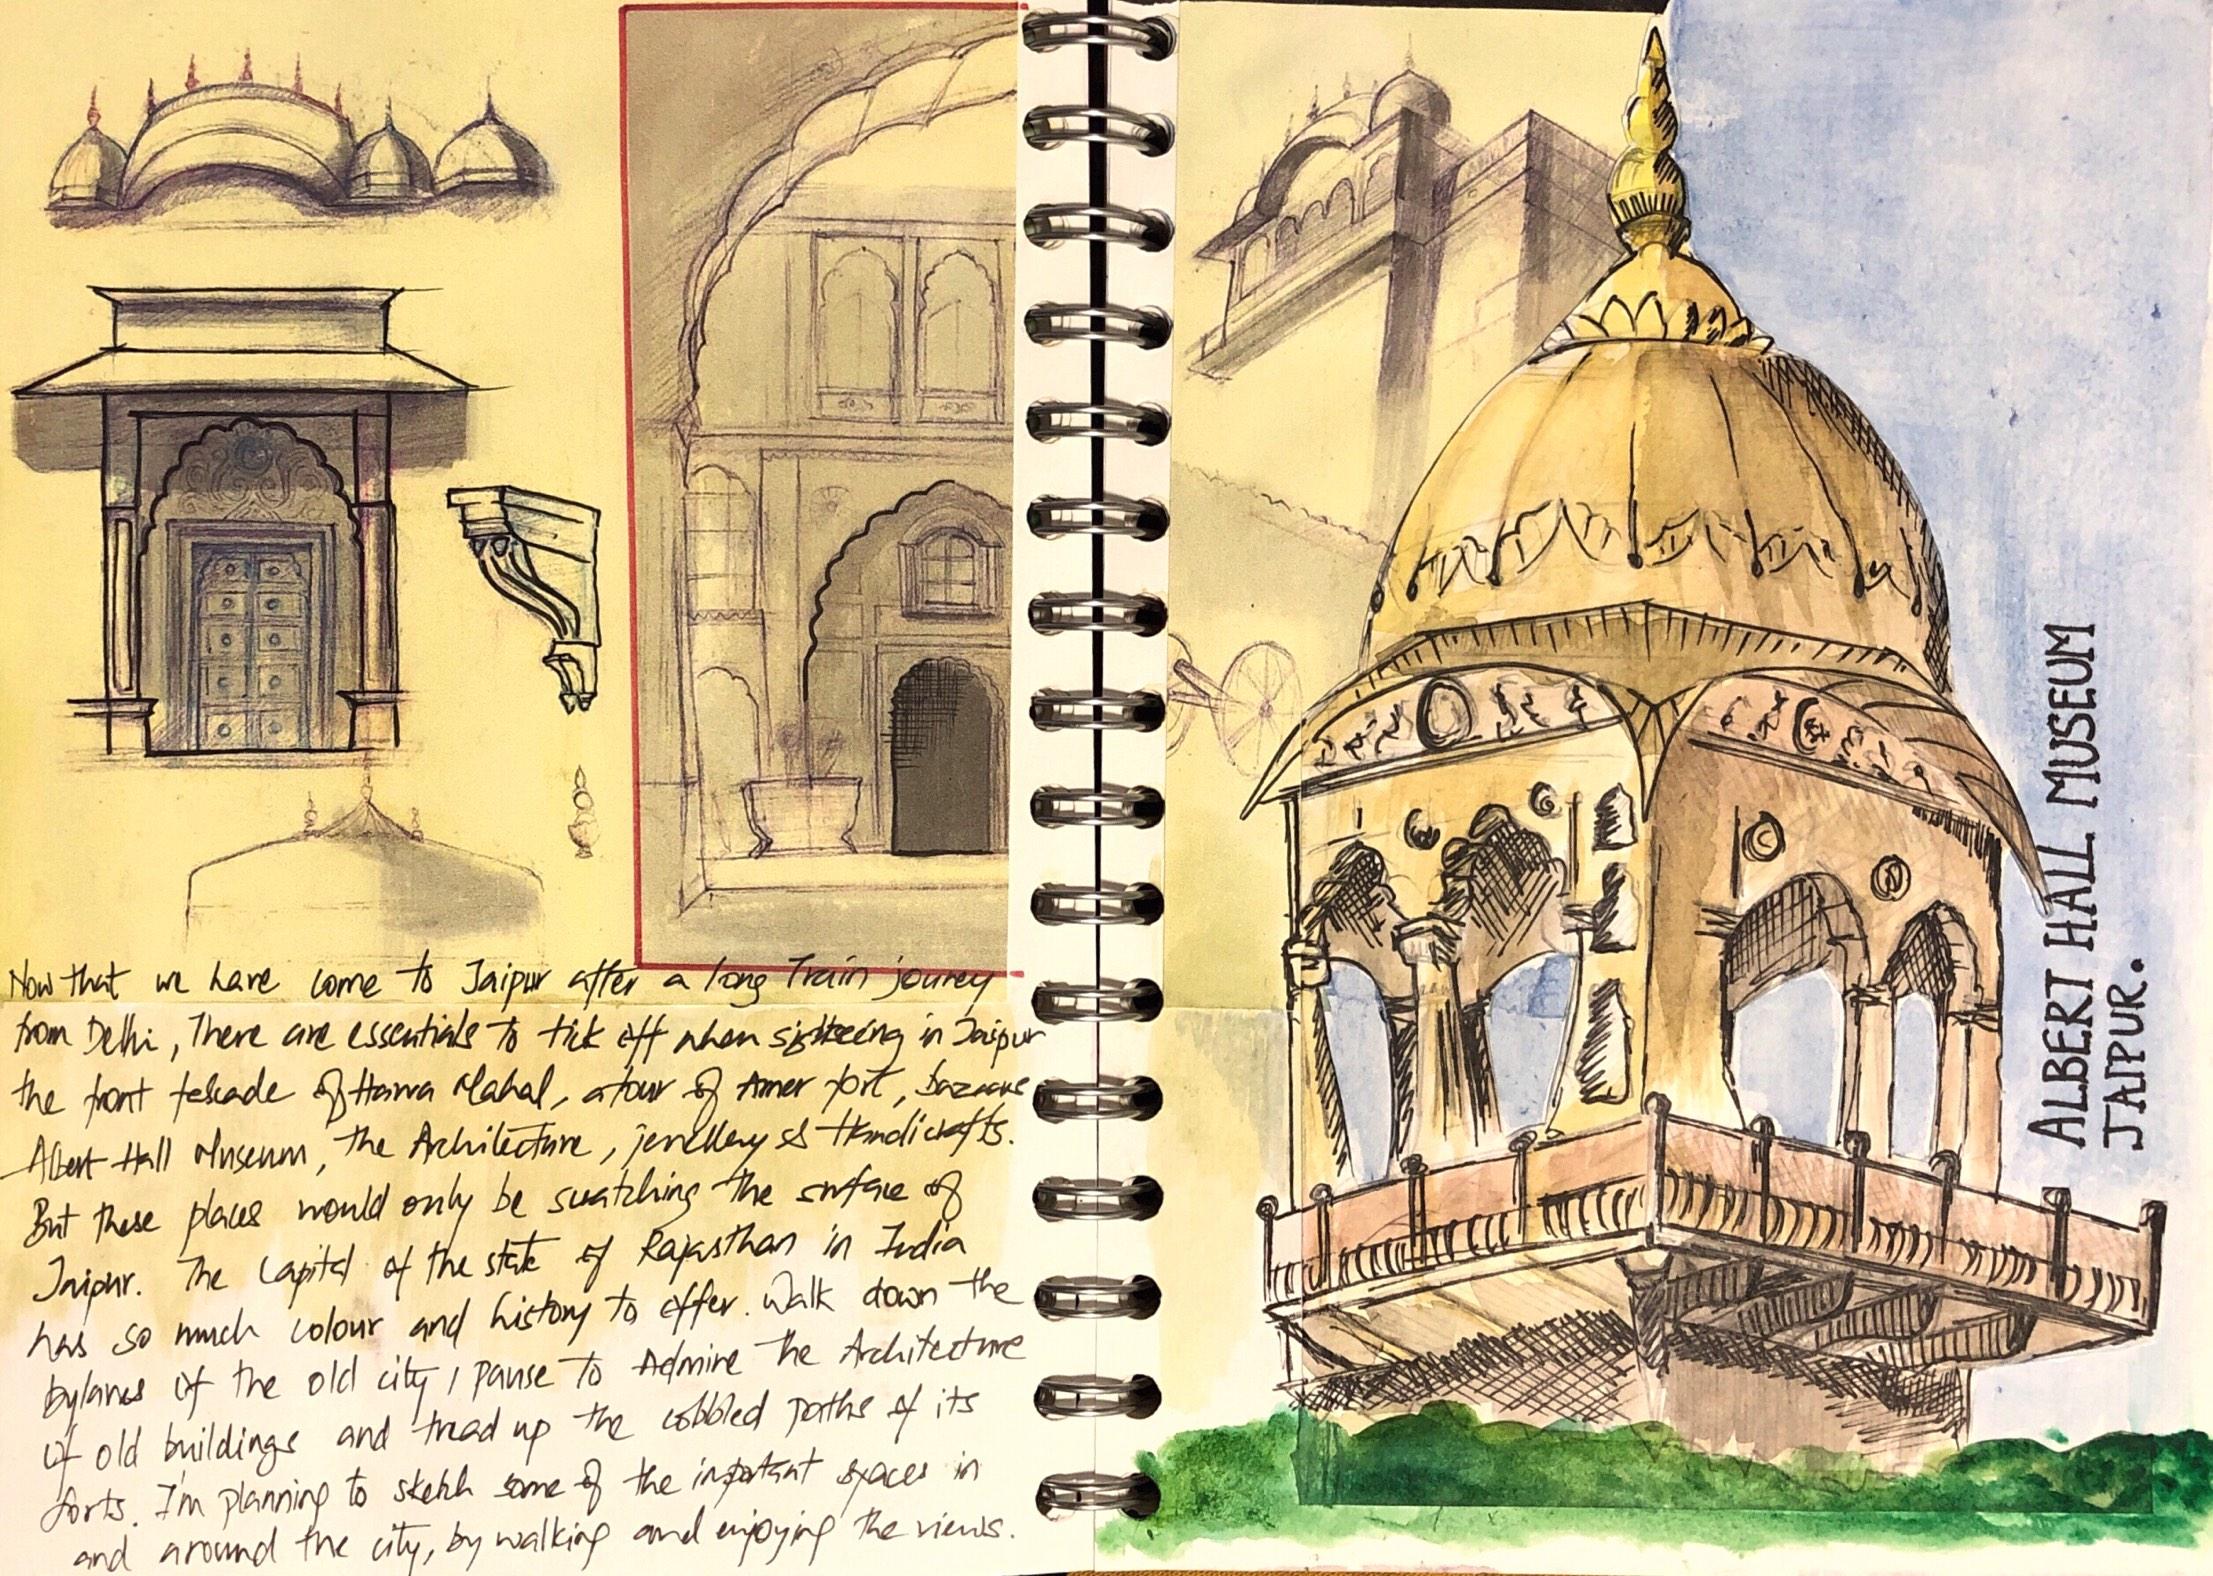 Albert-hall-jaipur-architecture-sketch-sooraj.jpg